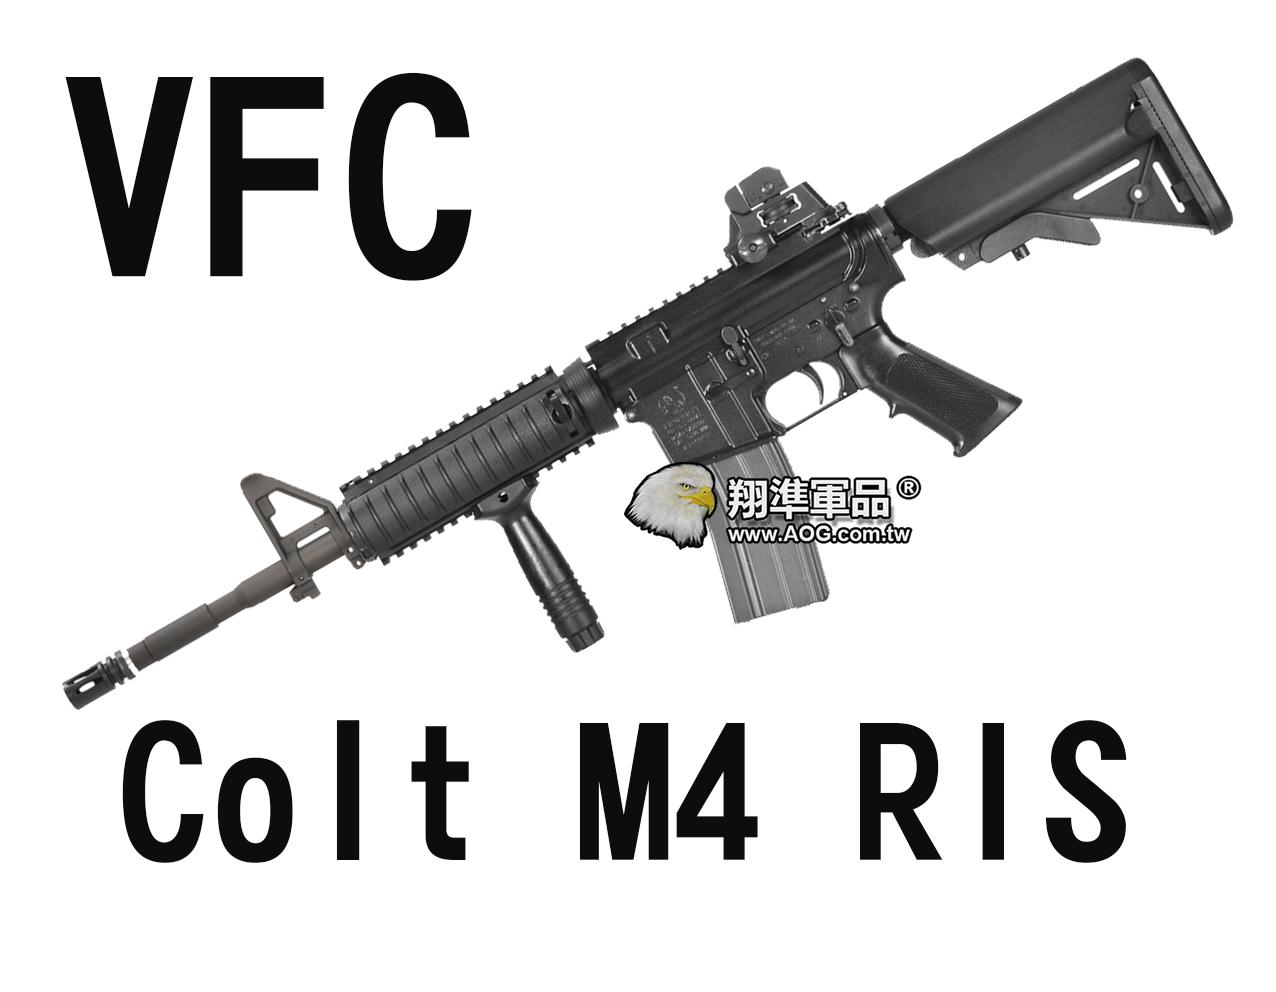 【翔準軍品AOG】【VFC】Colt M4 RIS (STD) 海豹托 魚骨版+握把 電動槍 長槍 衝鋒槍 黑色 VF1-LM4RIS-BK01